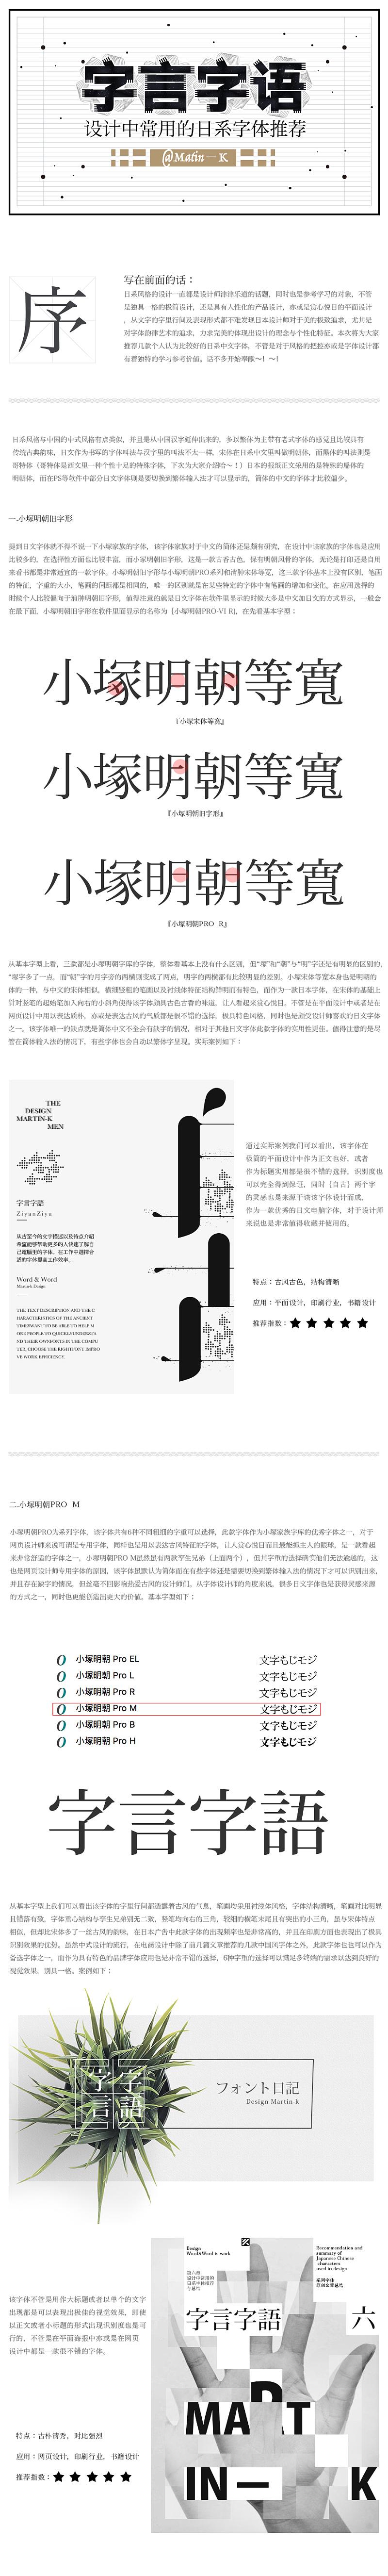 设计中常用的日系字体推荐与总结